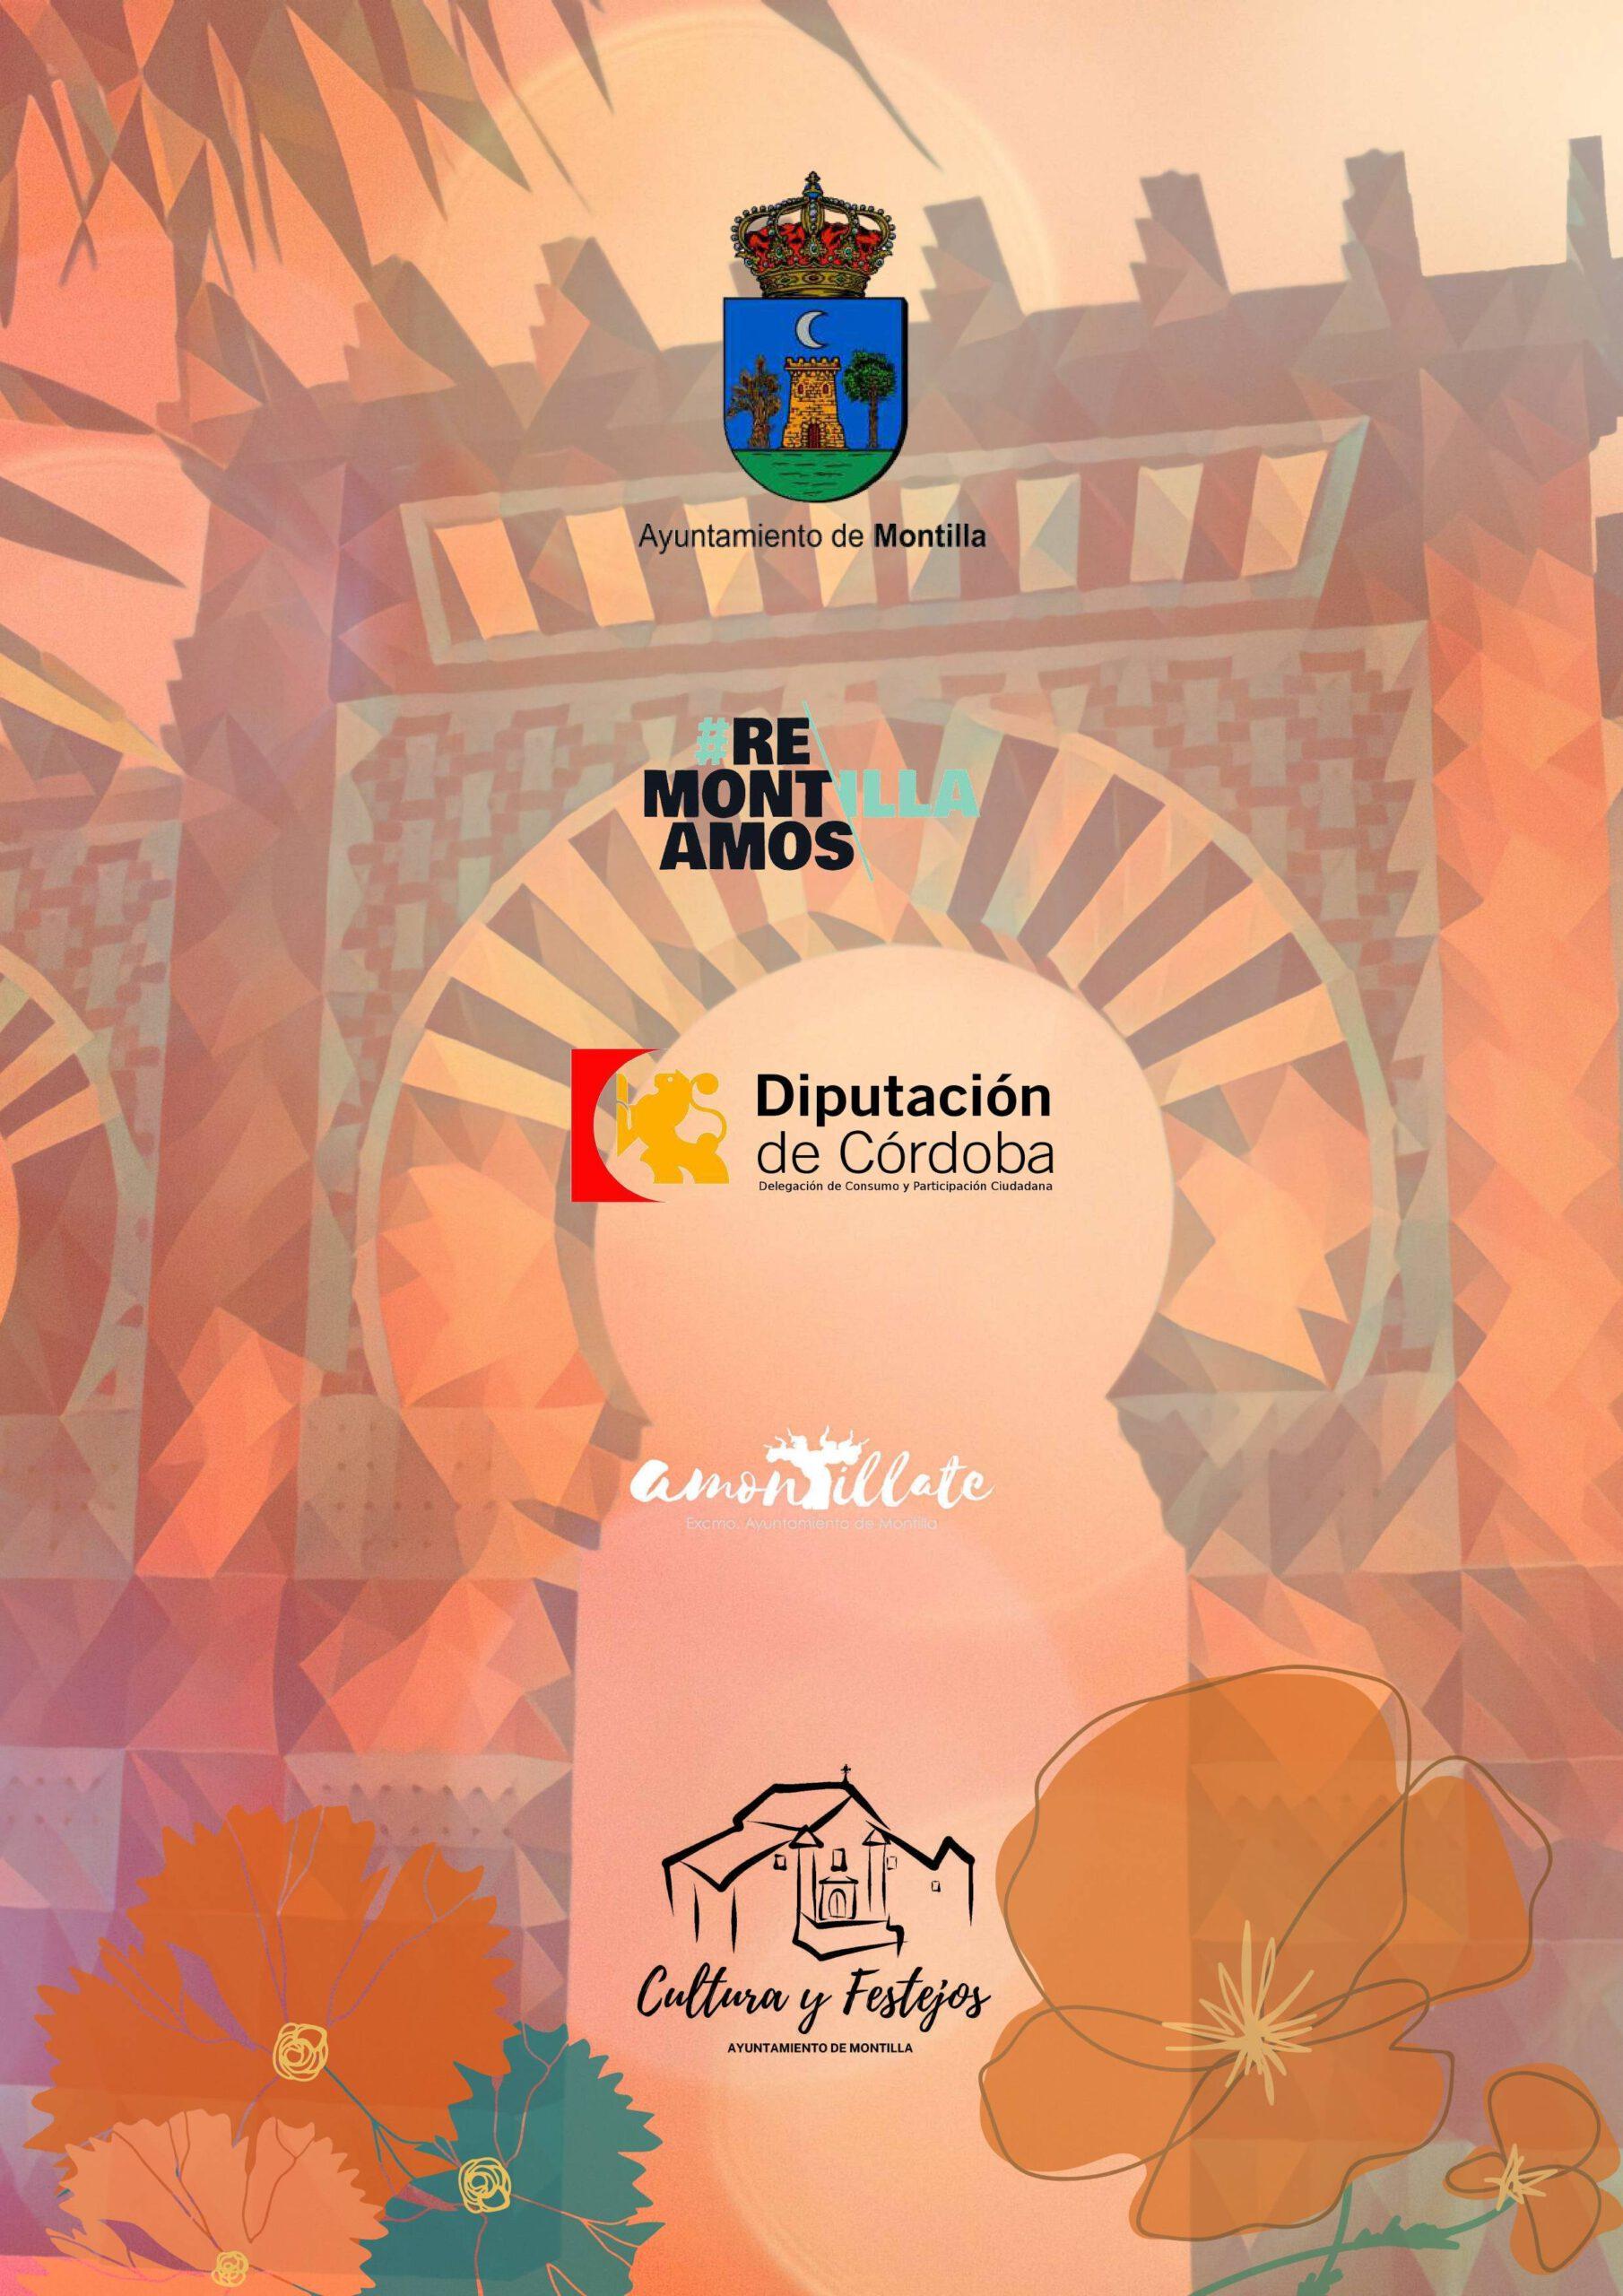 Fiestas patronales de El Santo (2021) - Montilla (Córdoba) 10